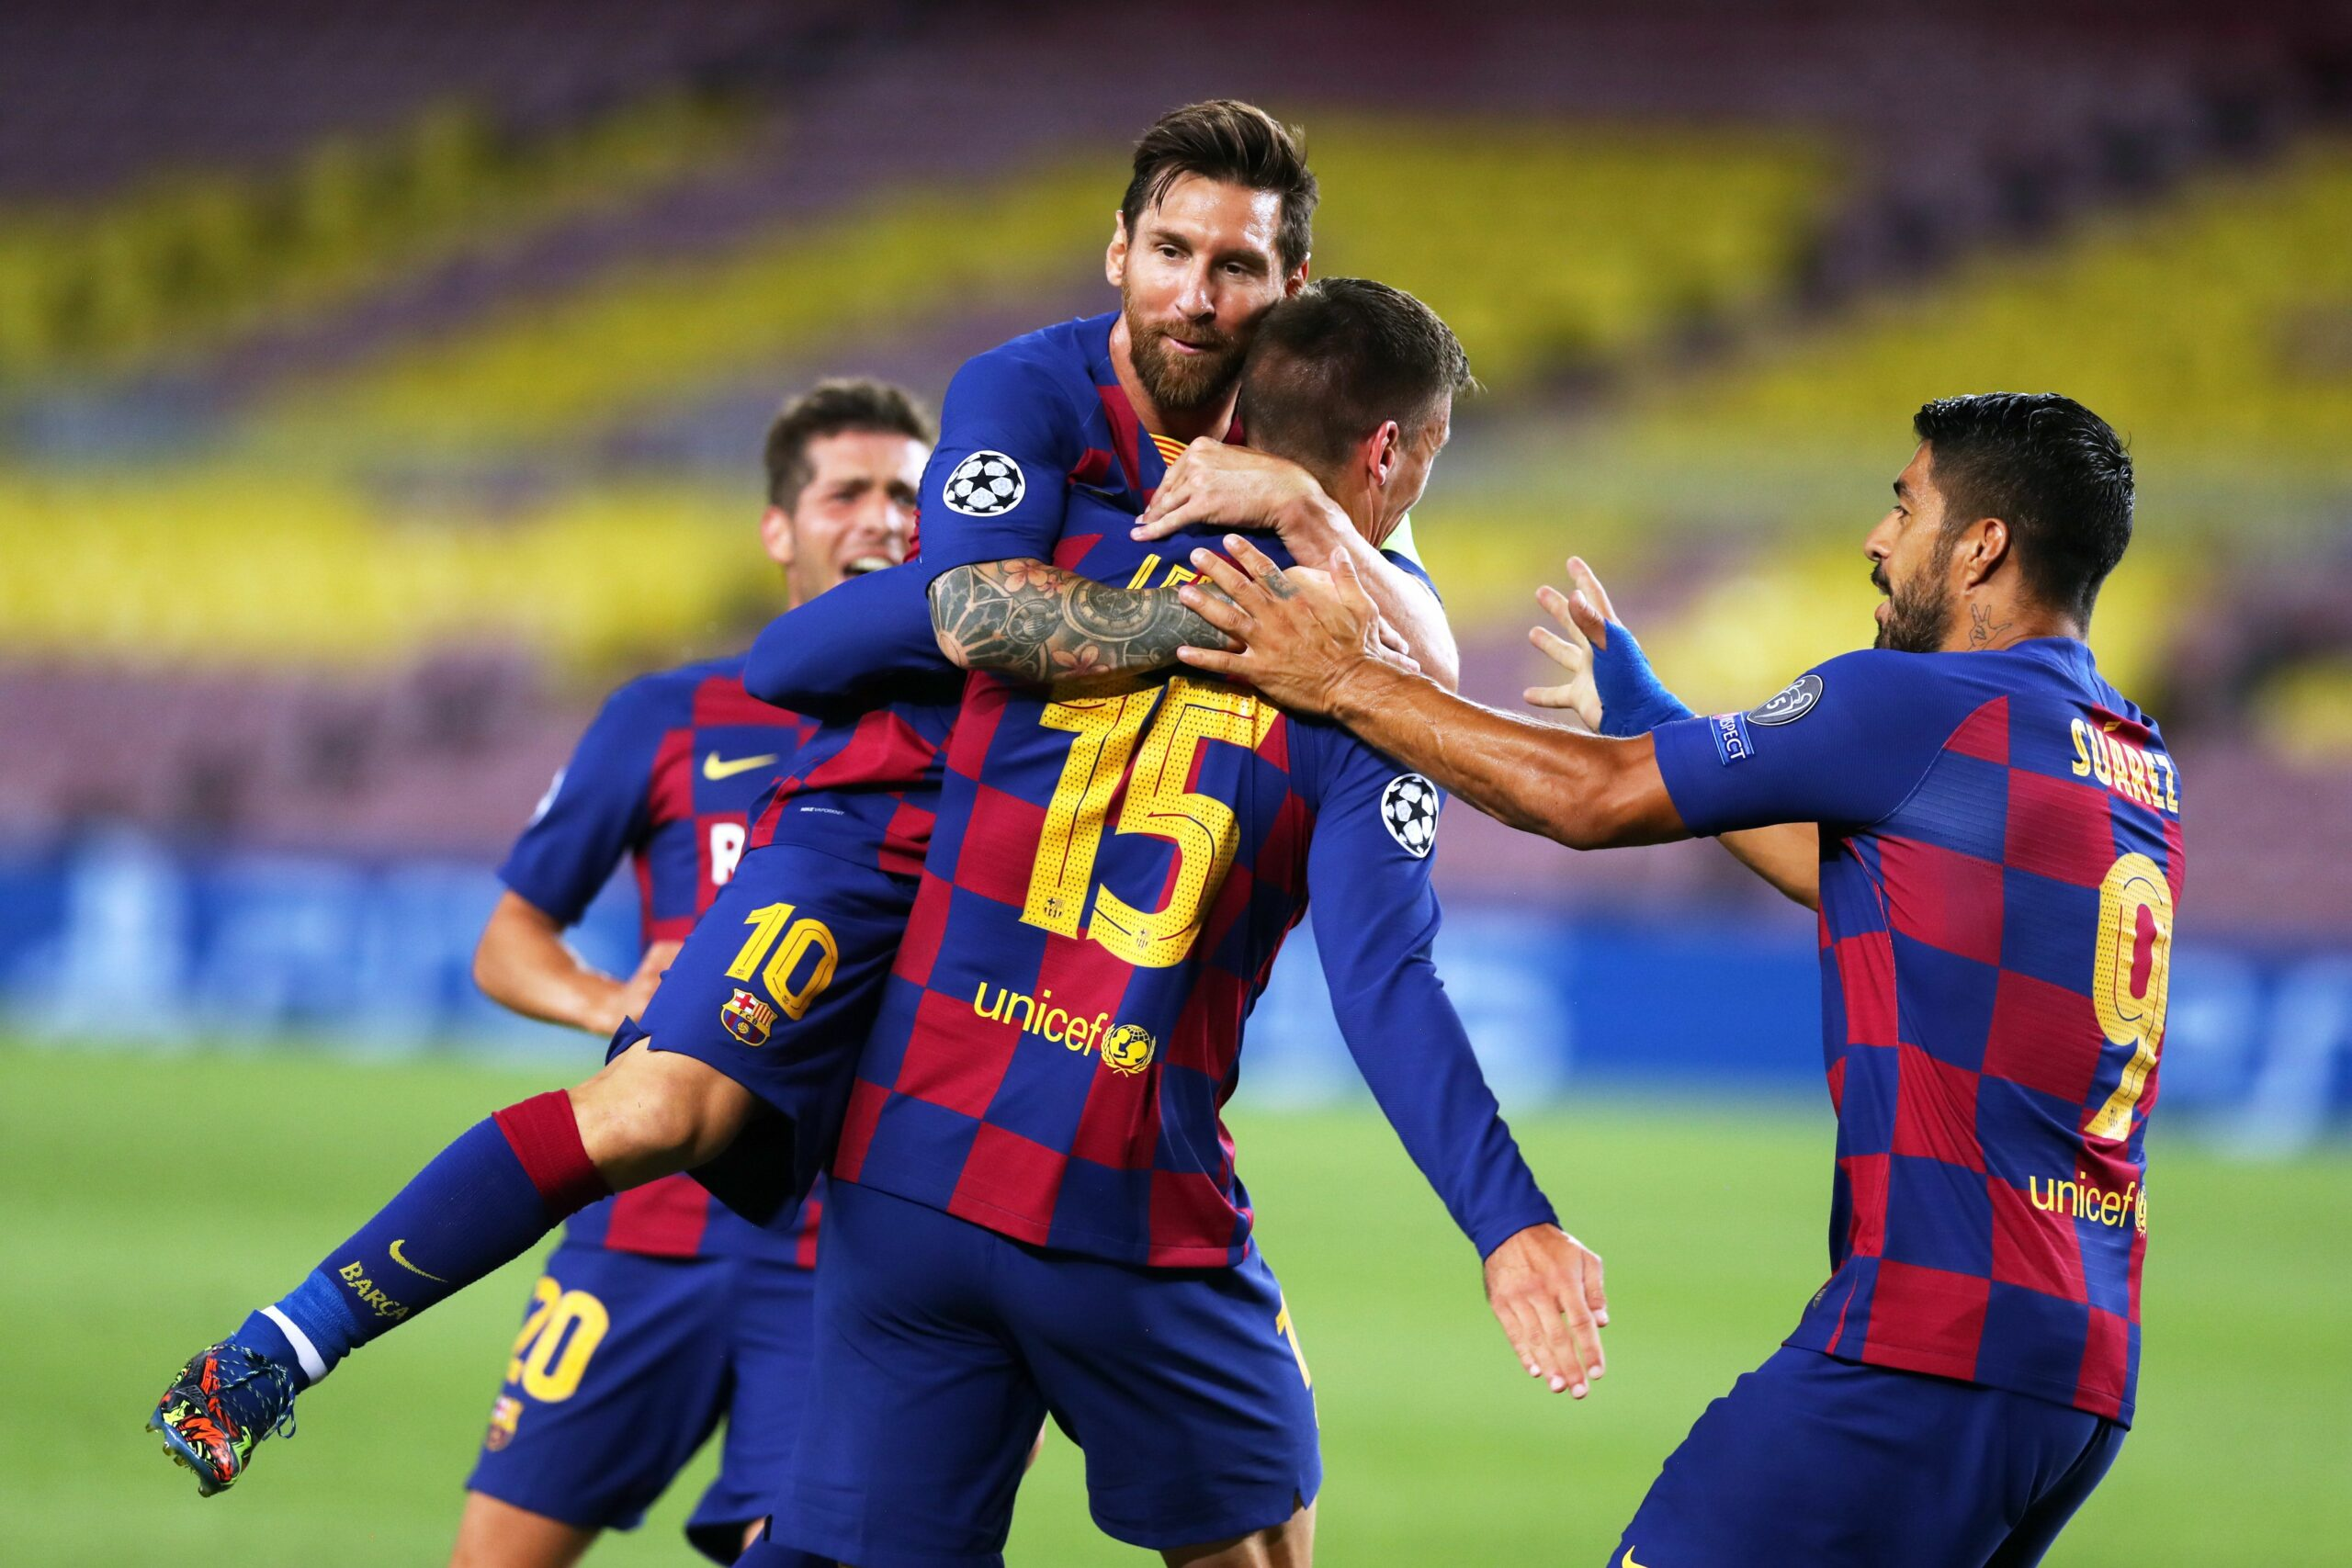 Els jugadors del Barça celebren un dels gols contra el Nàpols | Europa Press